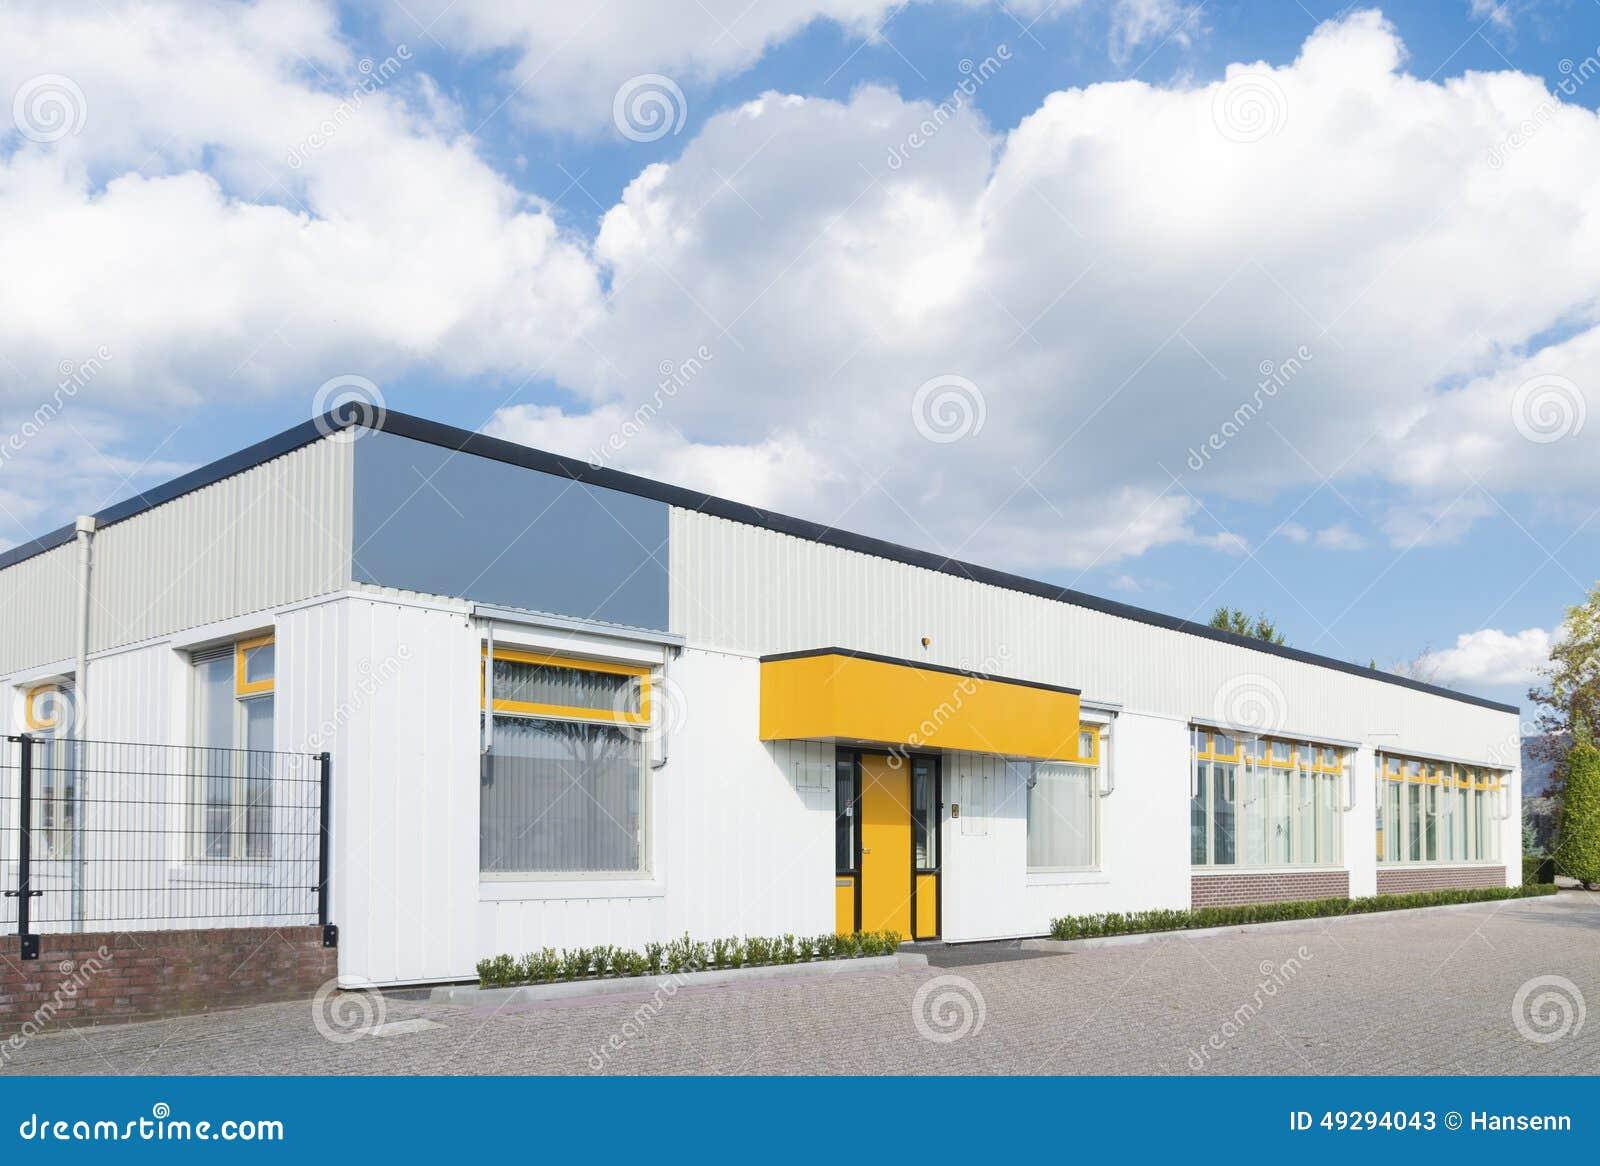 Kleines Burohaus Stockbild Bild Von Burohaus 49294043